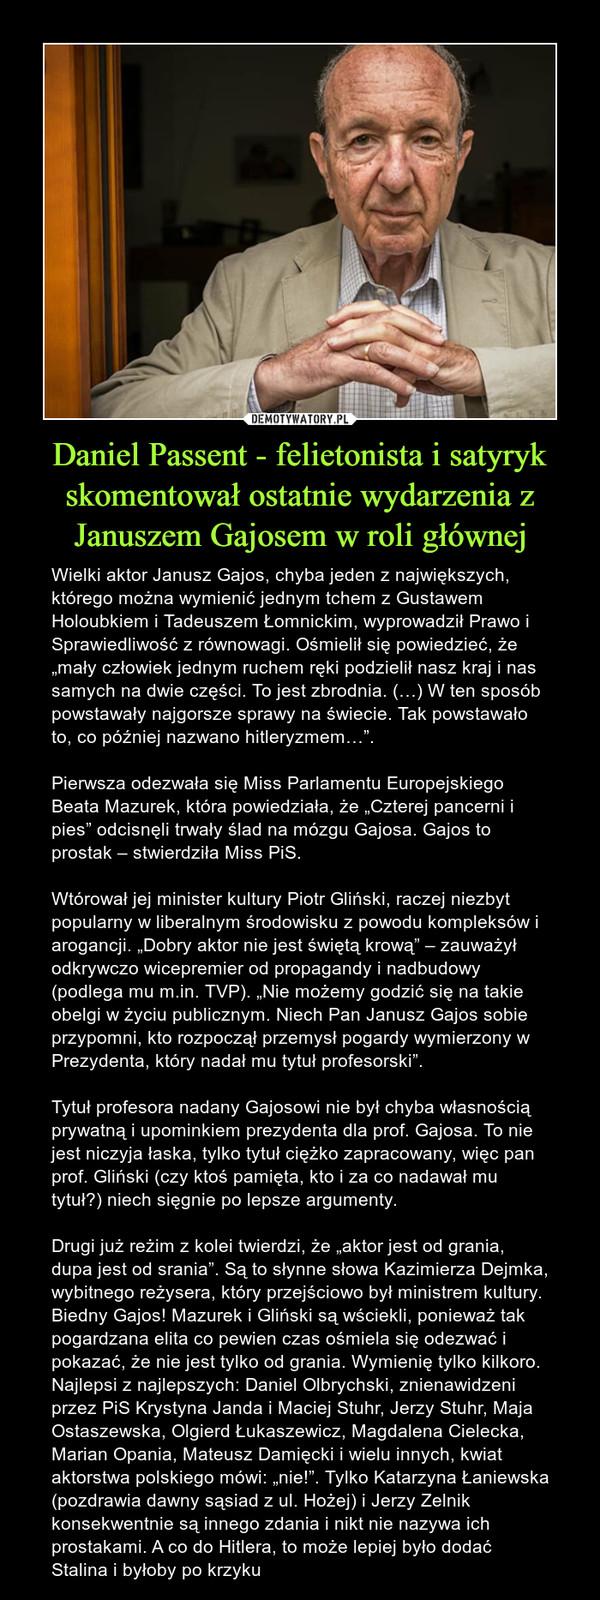 """Daniel Passent - felietonista i satyryk skomentował ostatnie wydarzenia z Januszem Gajosem w roli głównej – Wielki aktor Janusz Gajos, chyba jeden z największych, którego można wymienić jednym tchem z Gustawem Holoubkiem i Tadeuszem Łomnickim, wyprowadził Prawo i Sprawiedliwość z równowagi. Ośmielił się powiedzieć, że """"mały człowiek jednym ruchem ręki podzielił nasz kraj i nas samych na dwie części. To jest zbrodnia. (…) W ten sposób powstawały najgorsze sprawy na świecie. Tak powstawało to, co później nazwano hitleryzmem…"""".Pierwsza odezwała się Miss Parlamentu Europejskiego Beata Mazurek, która powiedziała, że """"Czterej pancerni i pies"""" odcisnęli trwały ślad na mózgu Gajosa. Gajos to prostak – stwierdziła Miss PiS.Wtórował jej minister kultury Piotr Gliński, raczej niezbyt popularny w liberalnym środowisku z powodu kompleksów i arogancji. """"Dobry aktor nie jest świętą krową"""" – zauważył odkrywczo wicepremier od propagandy i nadbudowy (podlega mu m.in. TVP). """"Nie możemy godzić się na takie obelgi w życiu publicznym. Niech Pan Janusz Gajos sobie przypomni, kto rozpoczął przemysł pogardy wymierzony w Prezydenta, który nadał mu tytuł profesorski"""".Tytuł profesora nadany Gajosowi nie był chyba własnością prywatną i upominkiem prezydenta dla prof. Gajosa. To nie jest niczyja łaska, tylko tytuł ciężko zapracowany, więc pan prof. Gliński (czy ktoś pamięta, kto i za co nadawał mu tytuł?) niech sięgnie po lepsze argumenty.Drugi już reżim z kolei twierdzi, że """"aktor jest od grania, dupa jest od srania"""". Są to słynne słowa Kazimierza Dejmka, wybitnego reżysera, który przejściowo był ministrem kultury. Biedny Gajos! Mazurek i Gliński są wściekli, ponieważ tak pogardzana elita co pewien czas ośmiela się odezwać i pokazać, że nie jest tylko od grania. Wymienię tylko kilkoro. Najlepsi z najlepszych: Daniel Olbrychski, znienawidzeni przez PiS Krystyna Janda i Maciej Stuhr, Jerzy Stuhr, Maja Ostaszewska, Olgierd Łukaszewicz, Magdalena Cielecka, Marian Opania, Mateusz Damięcki i wielu in"""